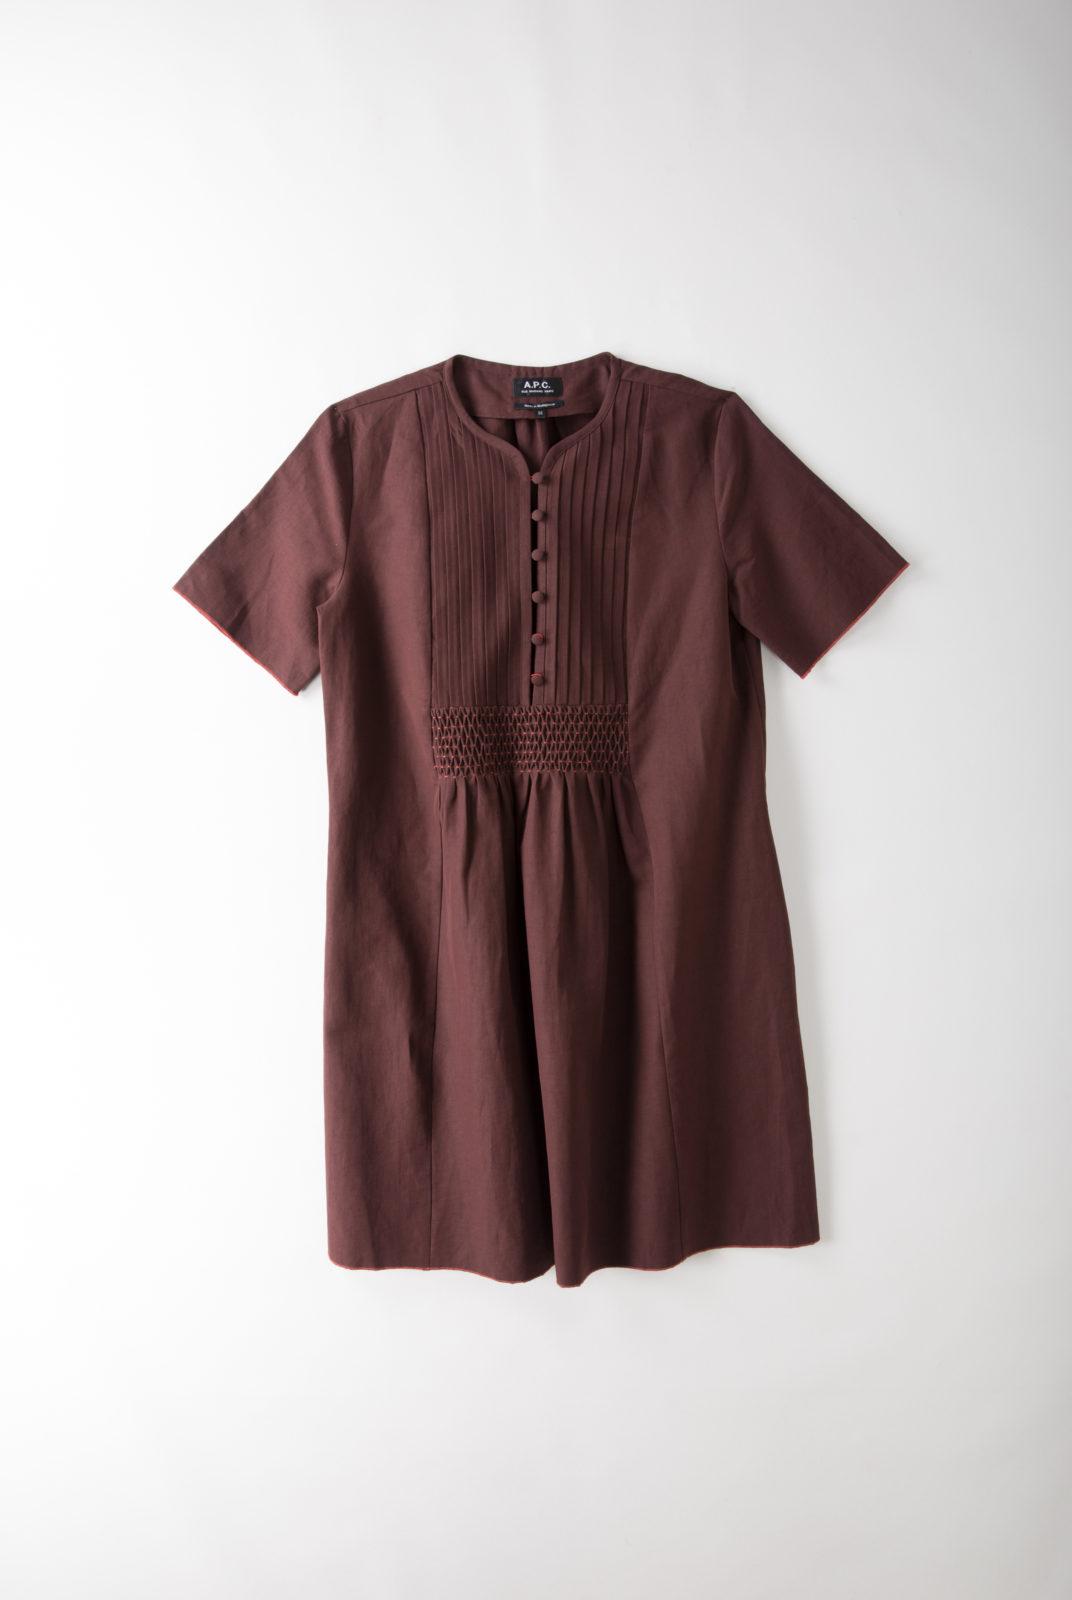 robe, bordeaux, toile lin-coton, coupe ample évasée, encolure tunisienne boutonnée, apc